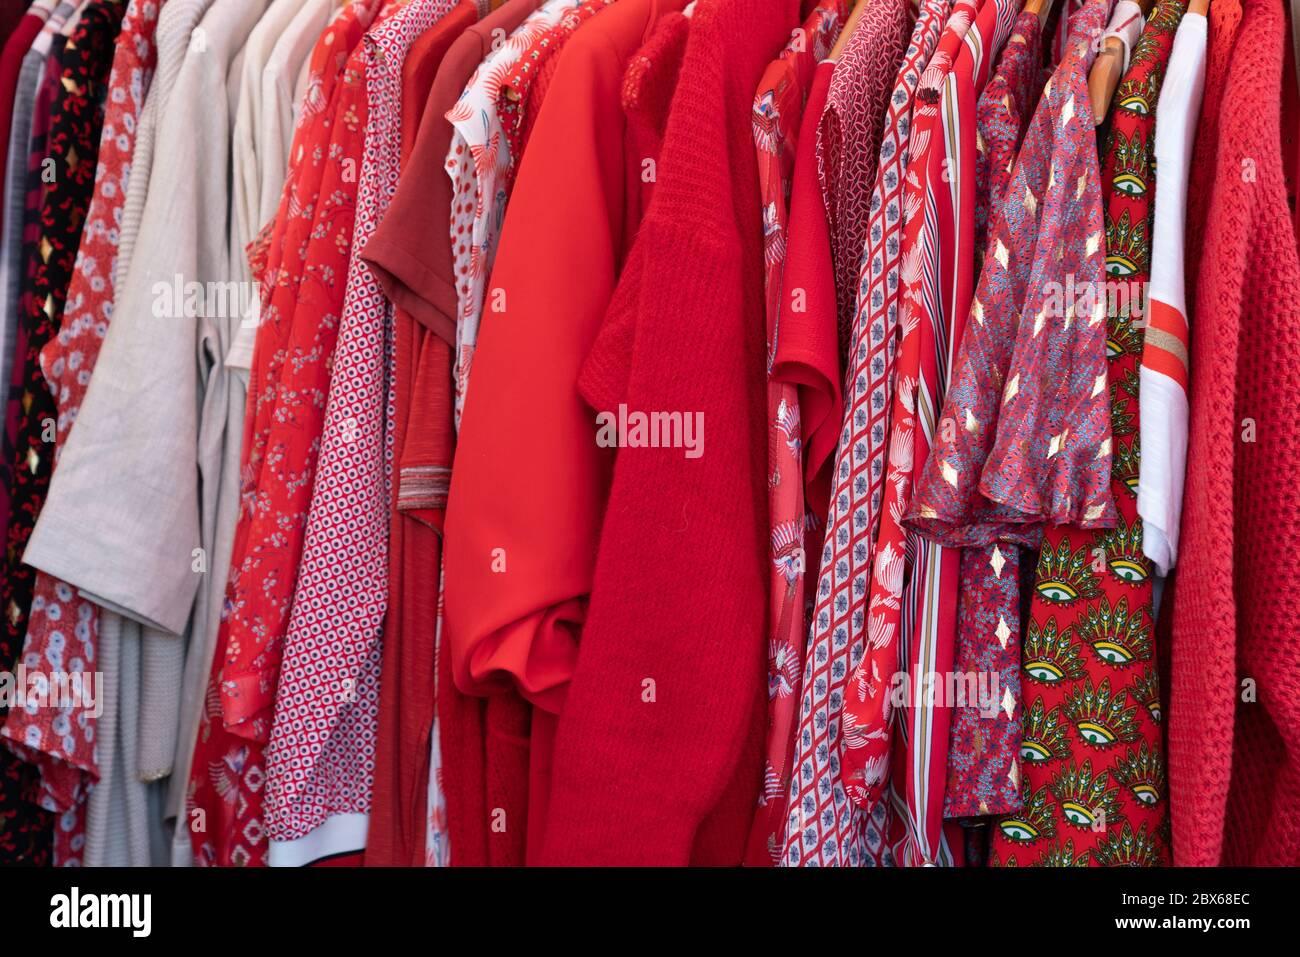 camisas de color rojo top vestir ropa en un percha Foto de stock